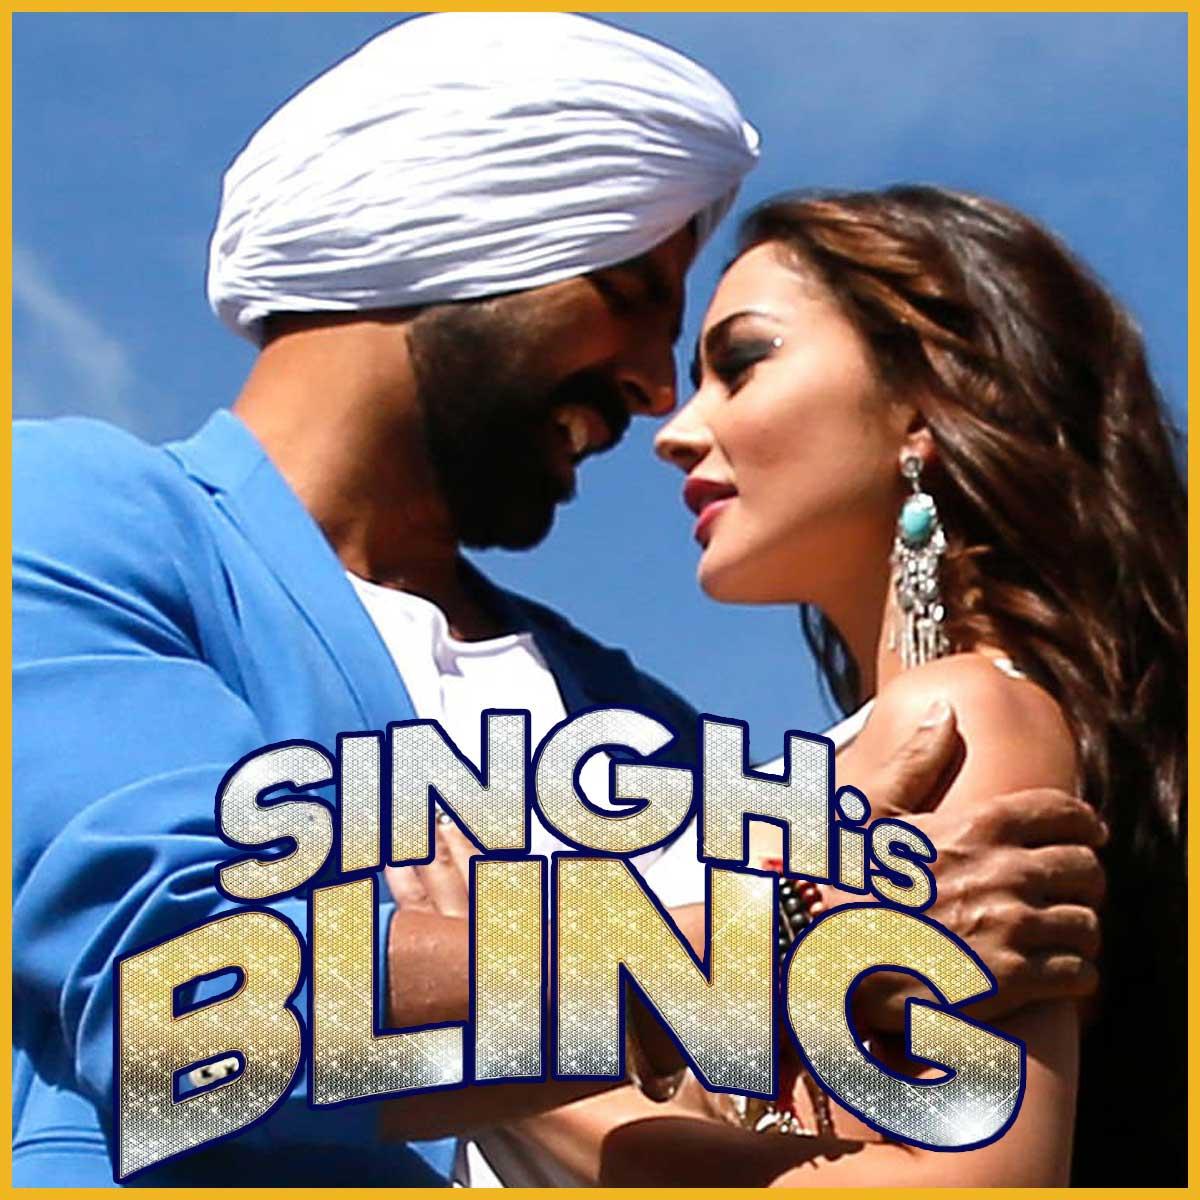 Mahi Aaja (Singh Is Bliing)